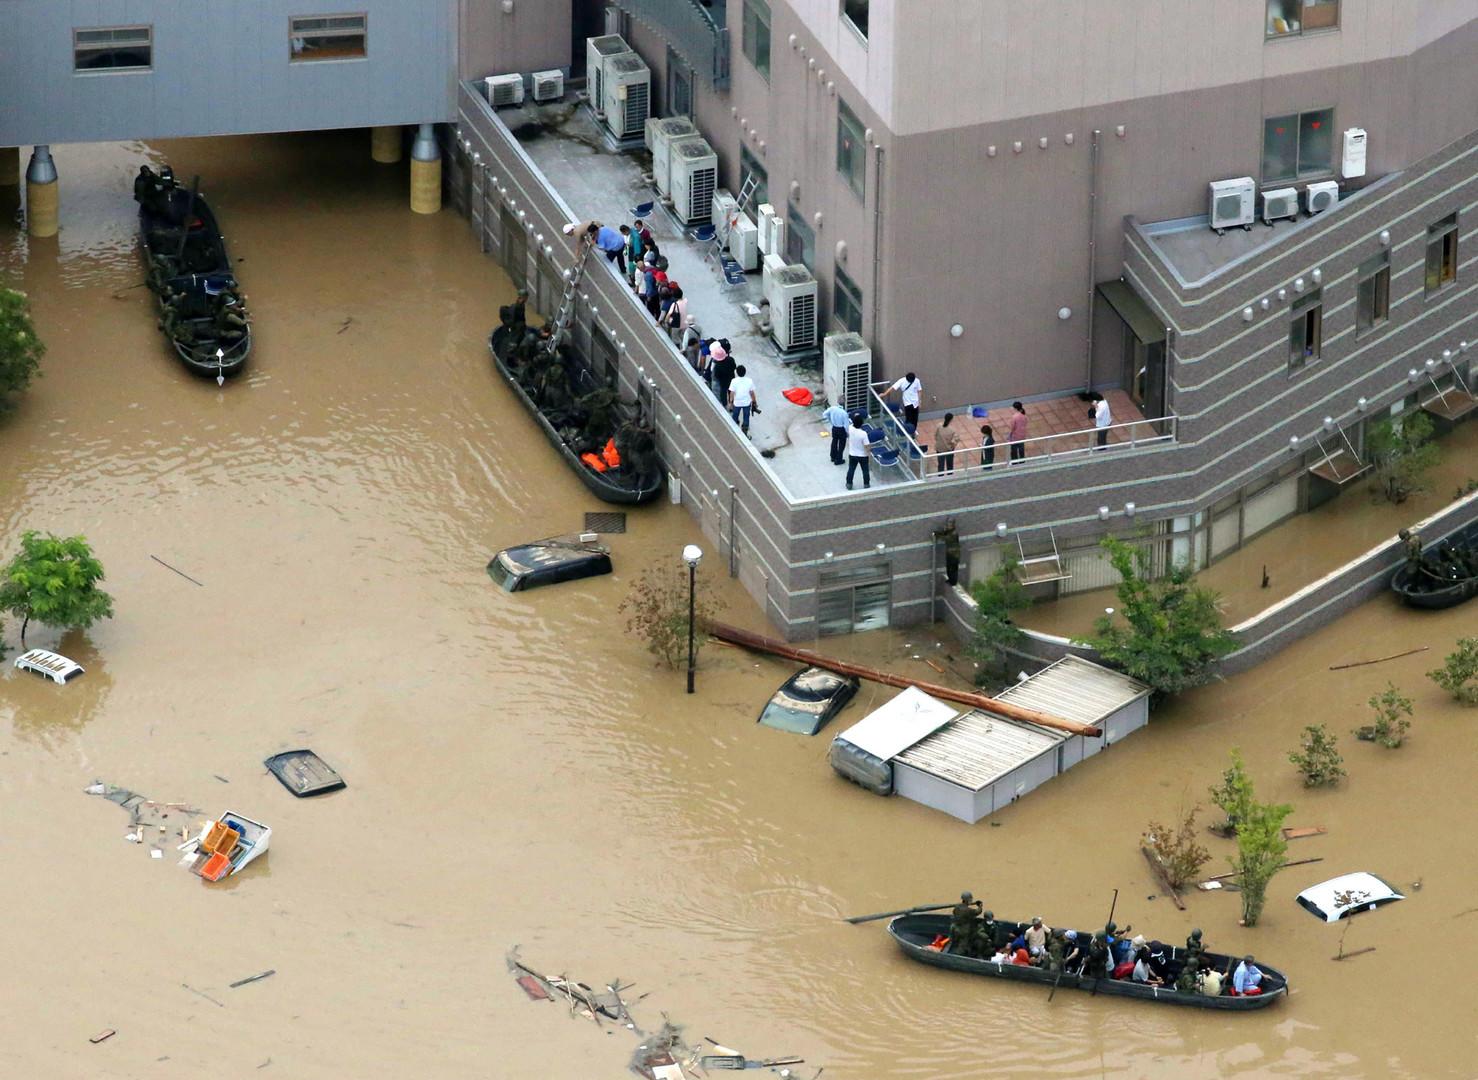 Japon : au moins 50 morts, 54 000 secouristes mobilisés après des pluies torrentielles (IMAGES)